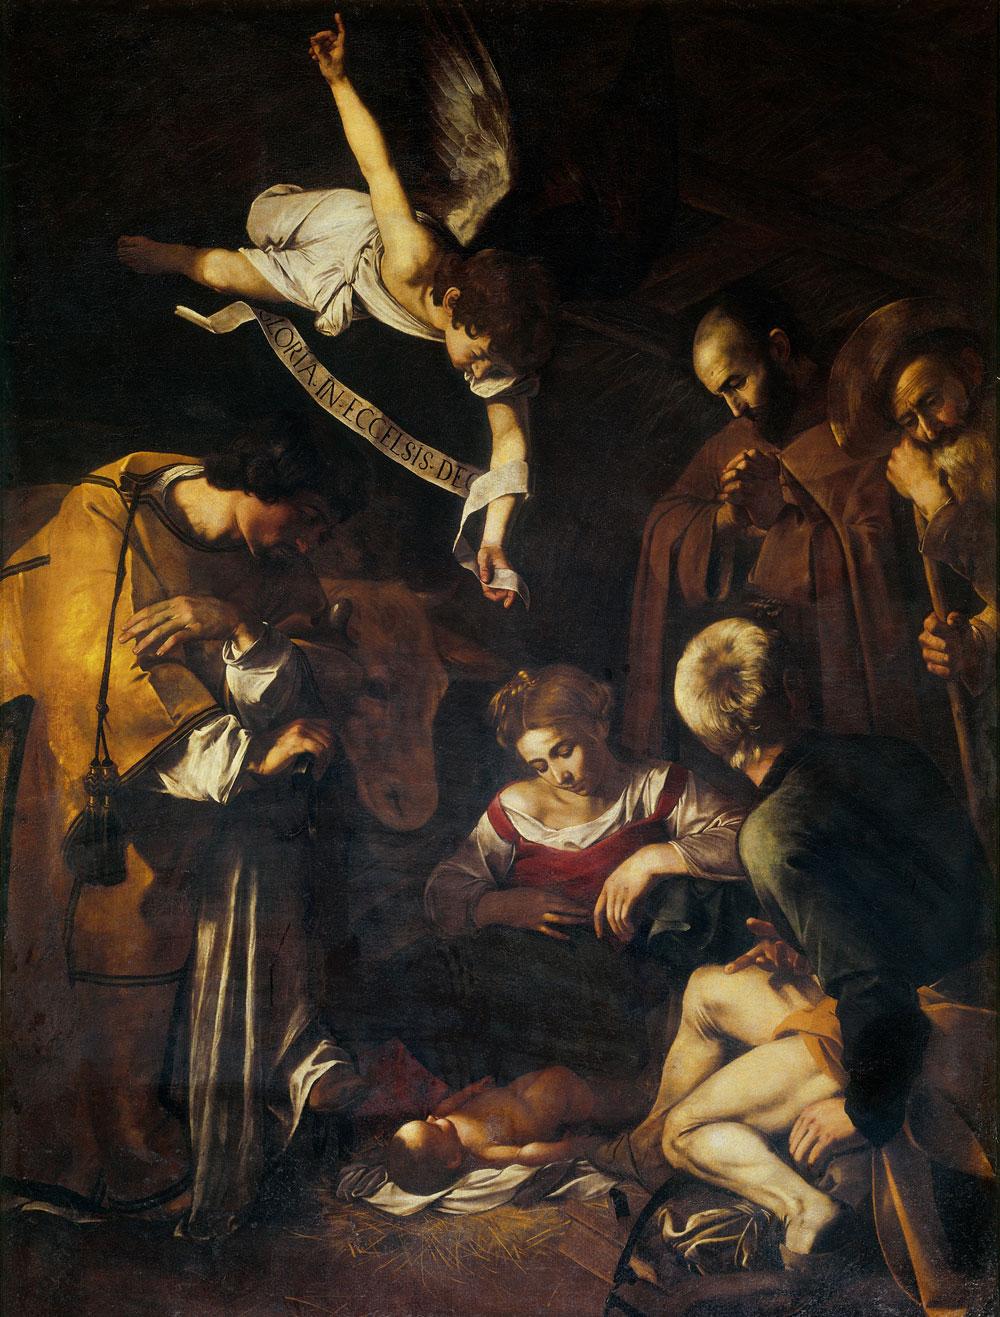 """Tomaso Montanari sul furto del Caravaggio. Anteprima del nuovo manuale """"Arte. Una storia naturale e civile"""""""